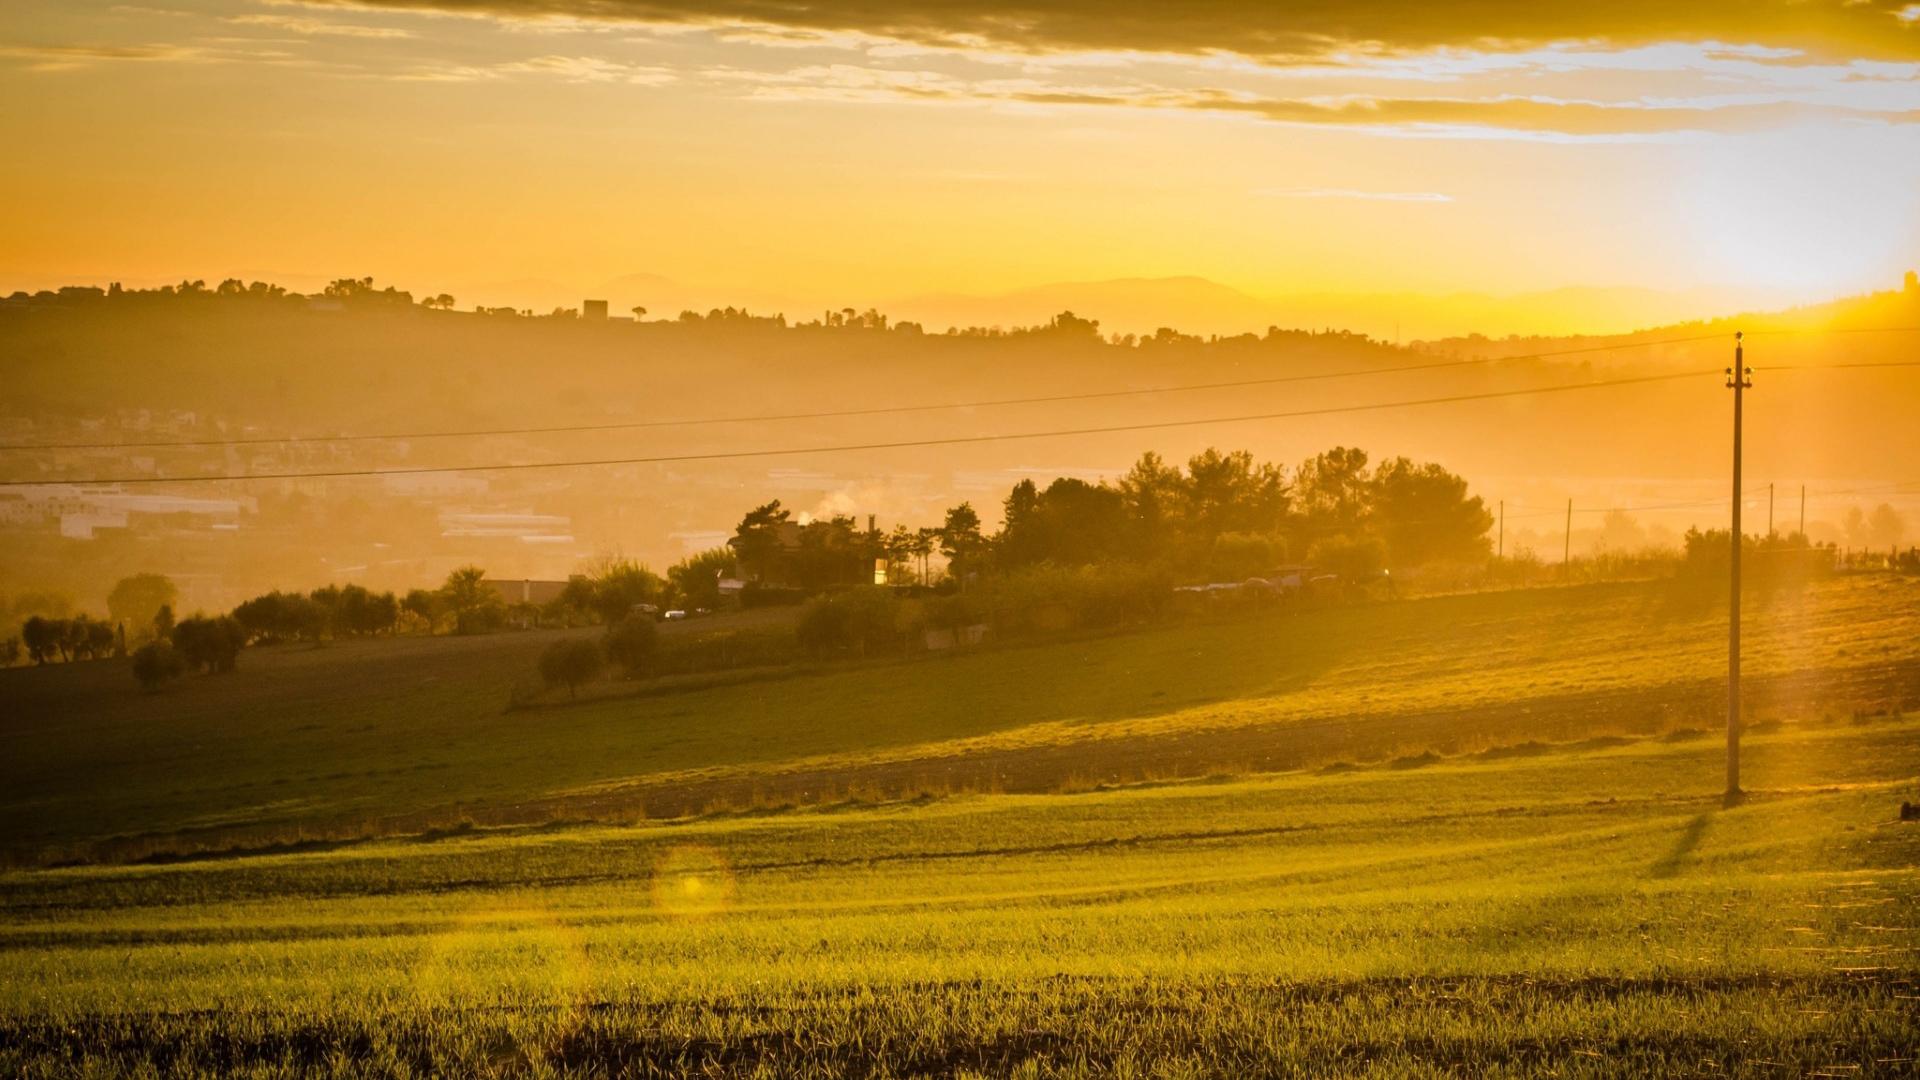 фотографии утреннего поля галуном